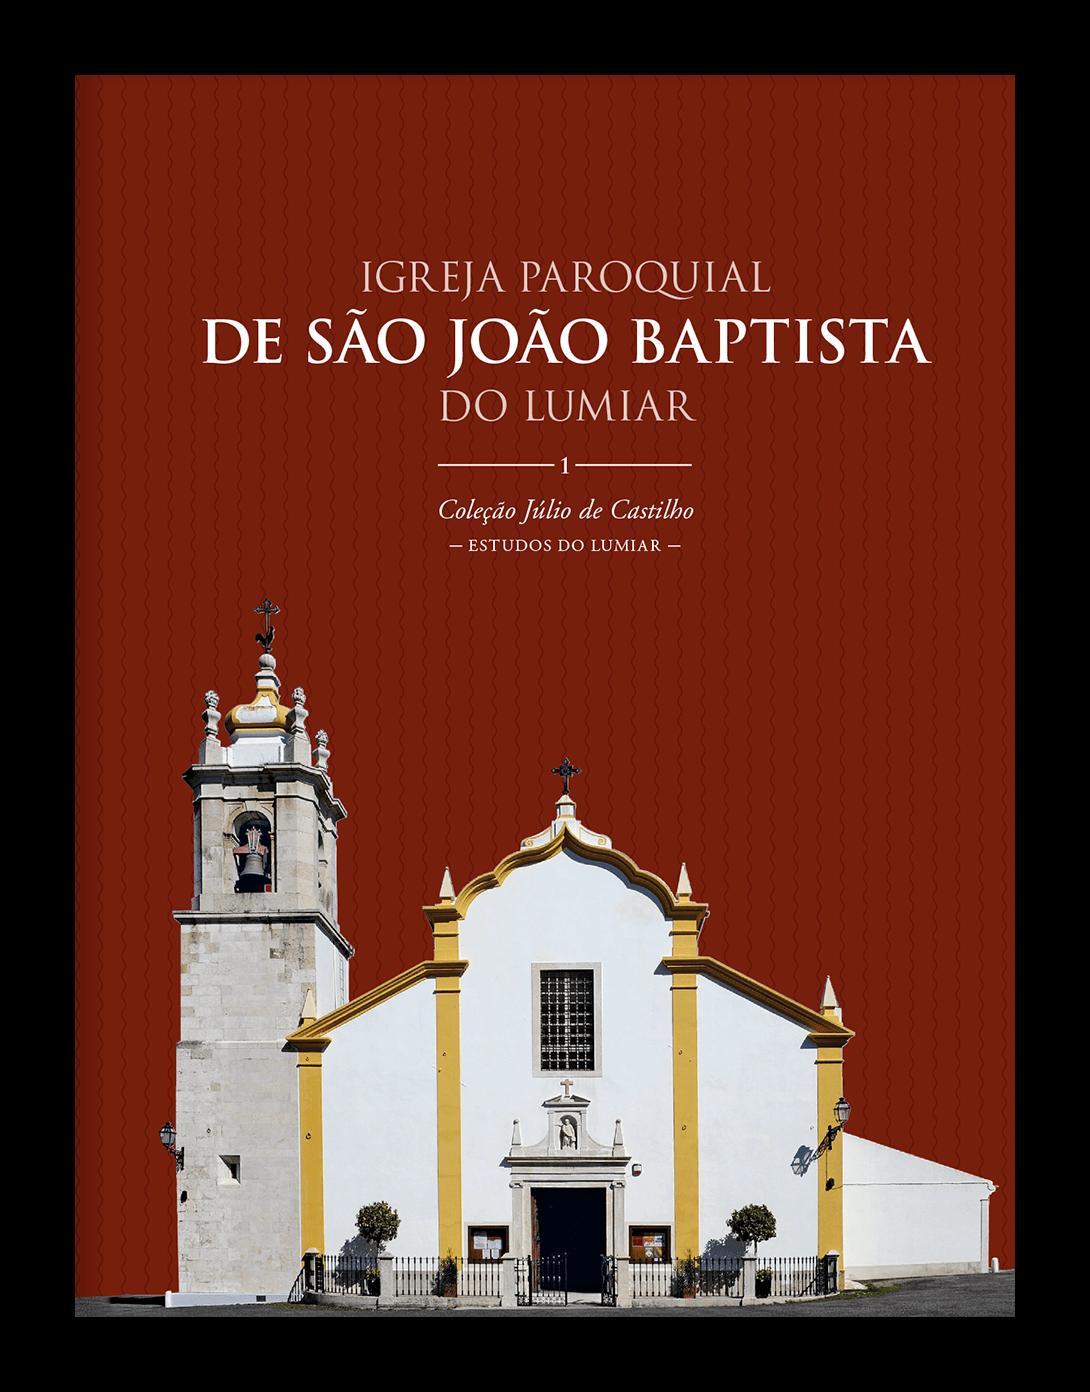 Igreja Paroquial de São João Baptista Lumiar